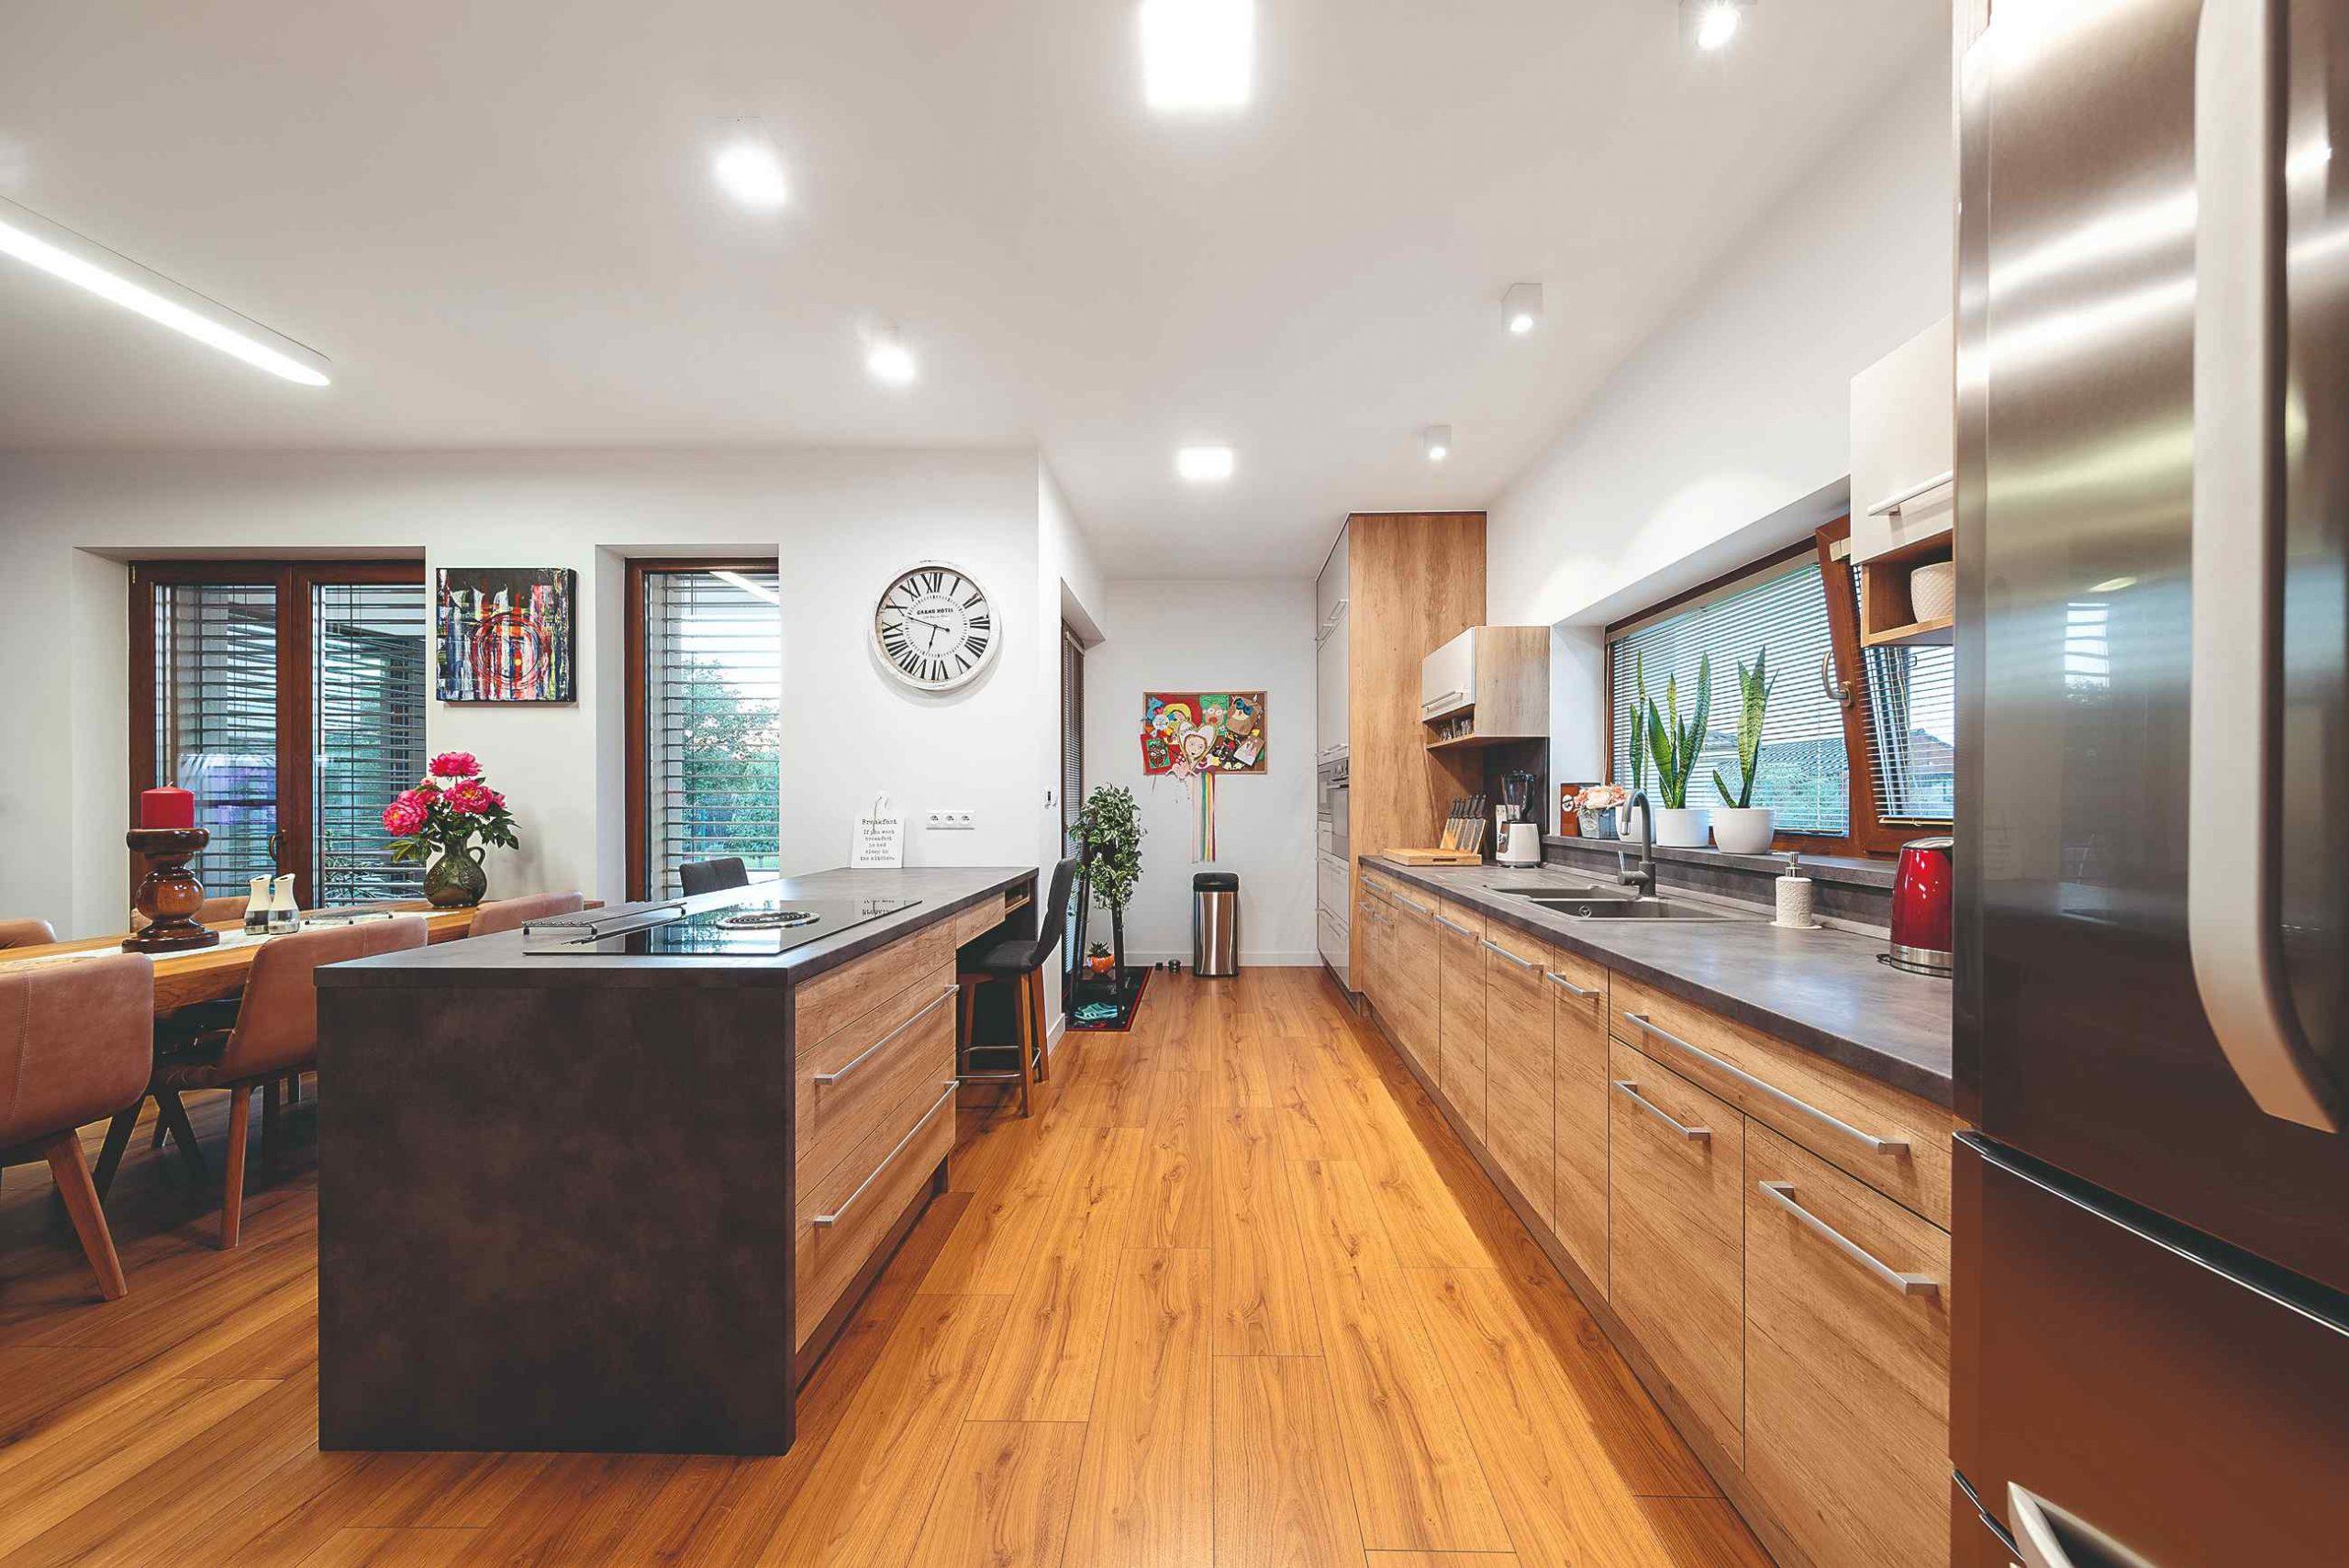 Veľká kuchyňa s linkou s dreveným vzorom